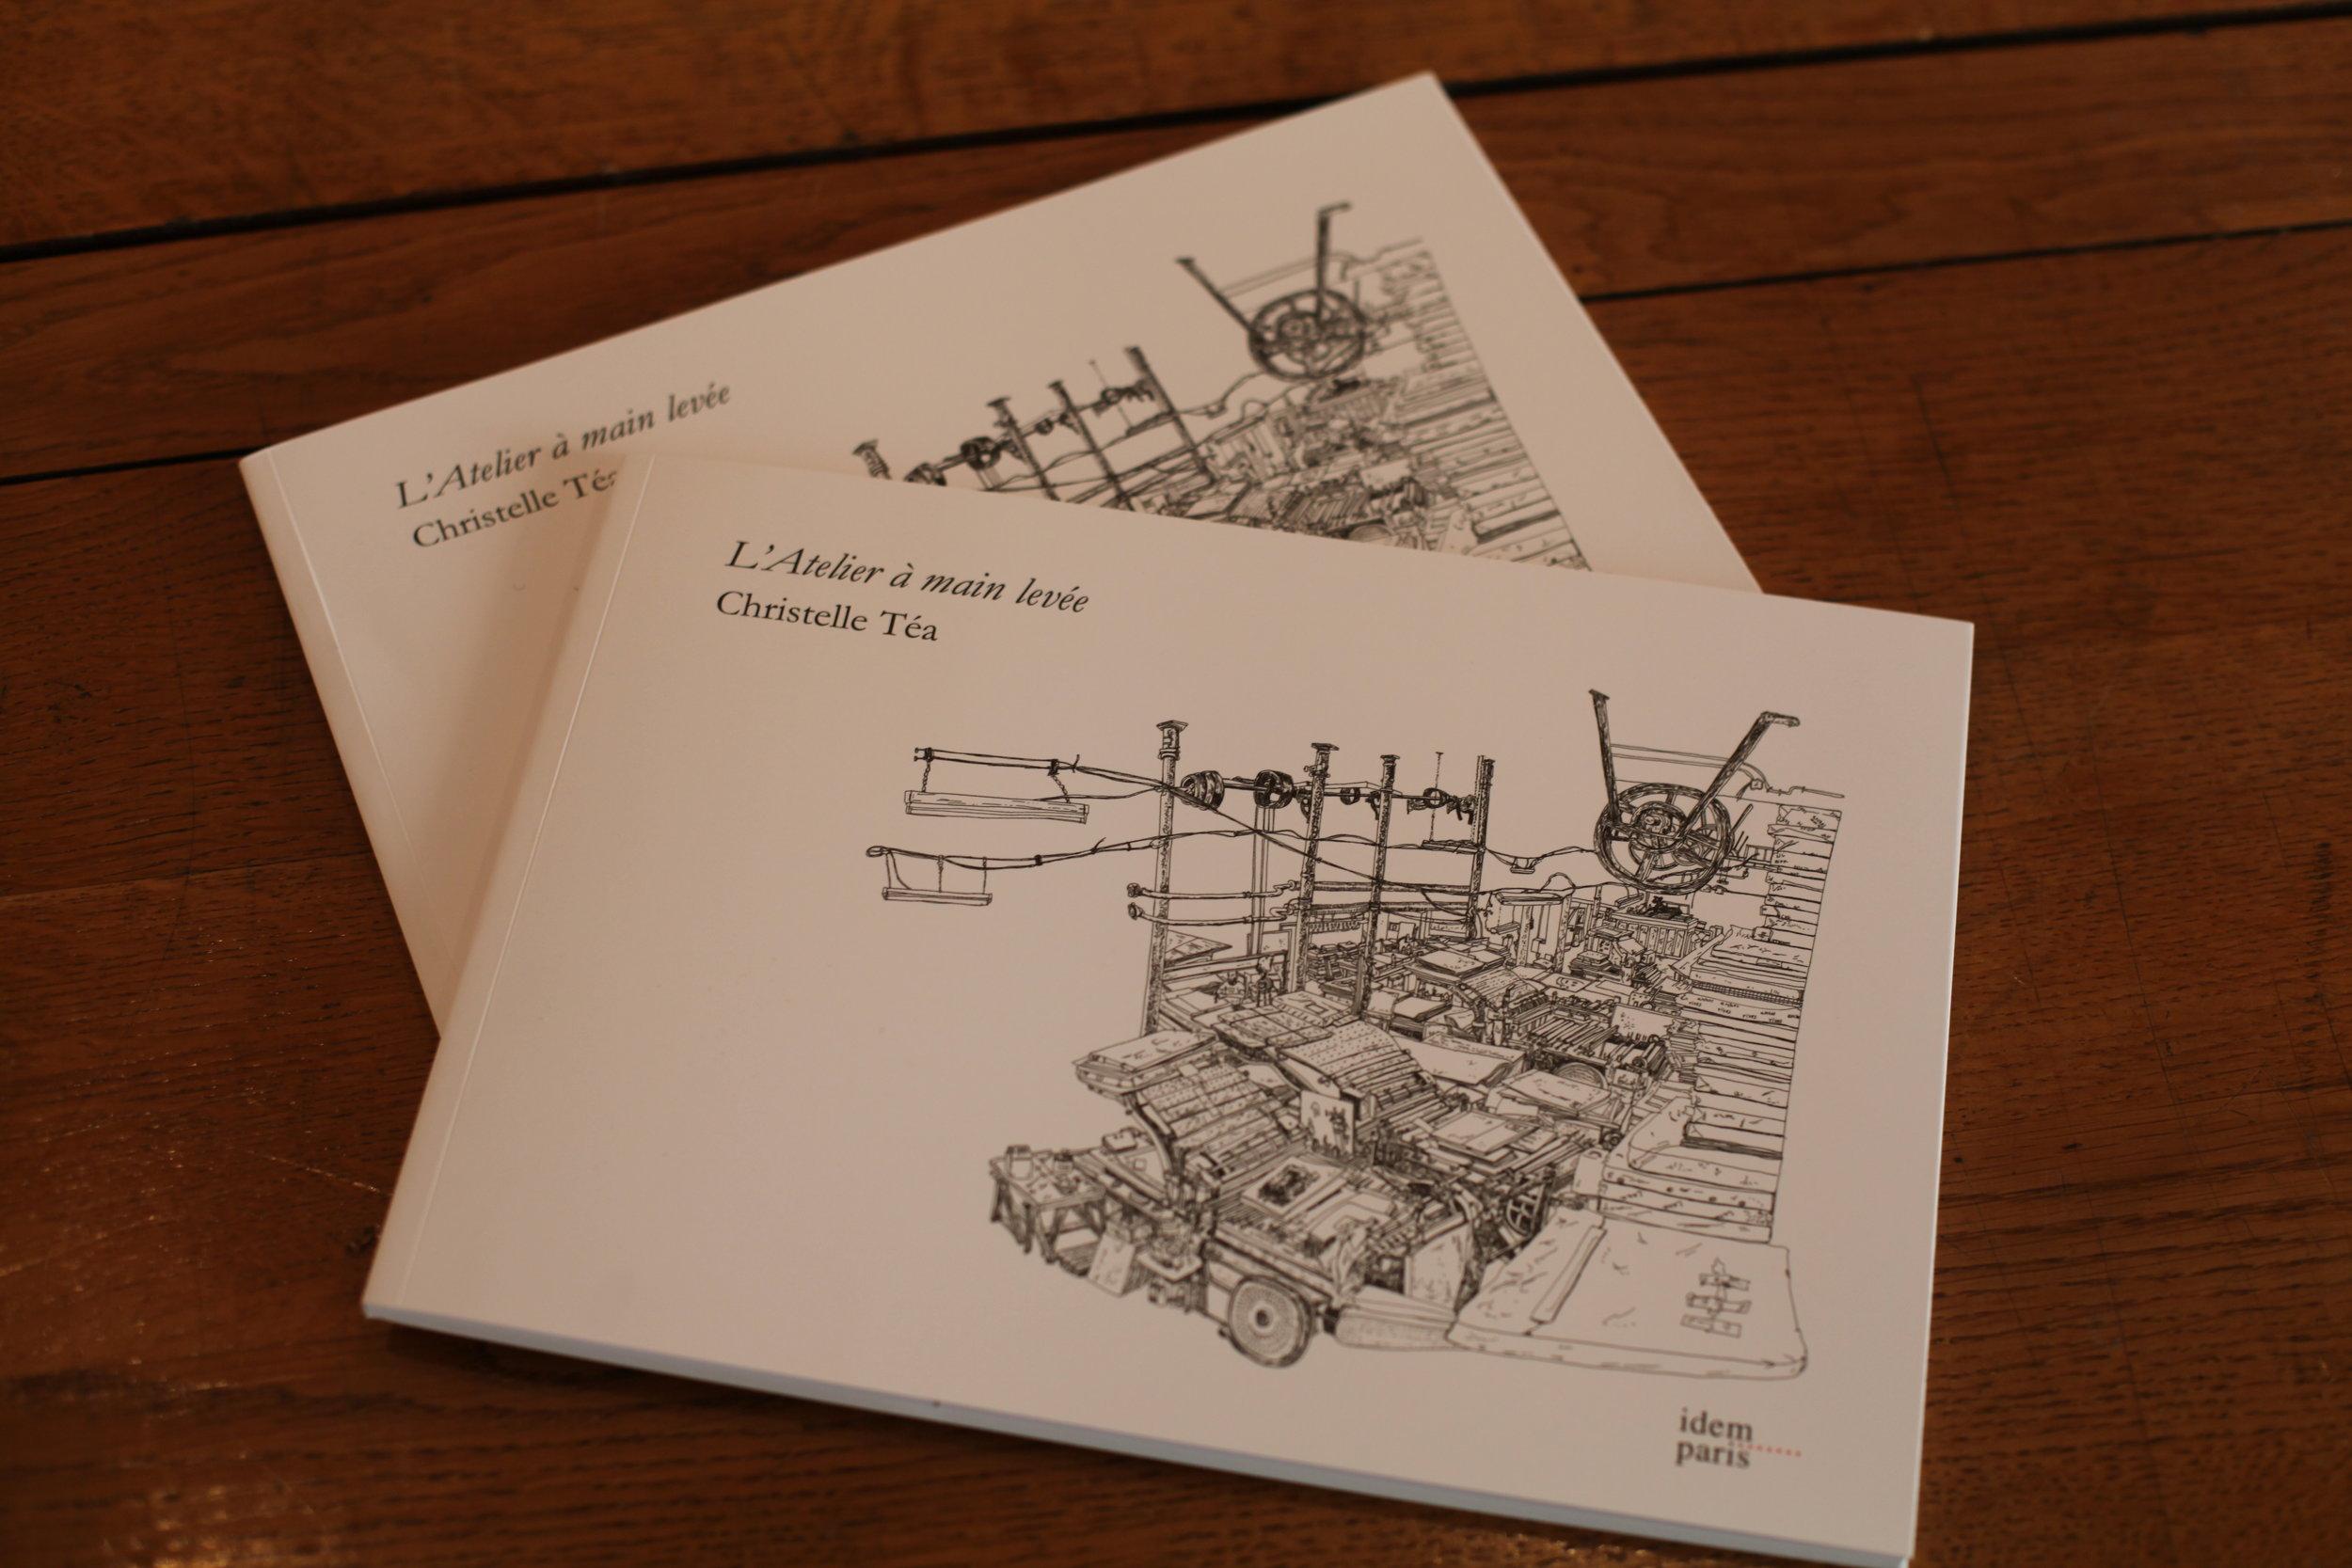 """Suite à l'exposition """" L'ATELIER À MAIN LEVÉE"""" , Idem Paris publie son catalogue, disponible à la Galerie Item.  Galerie Item (51 rue du Montparnasse, 75014 Paris, Lundi - Samedi, de 11h à 19h)"""